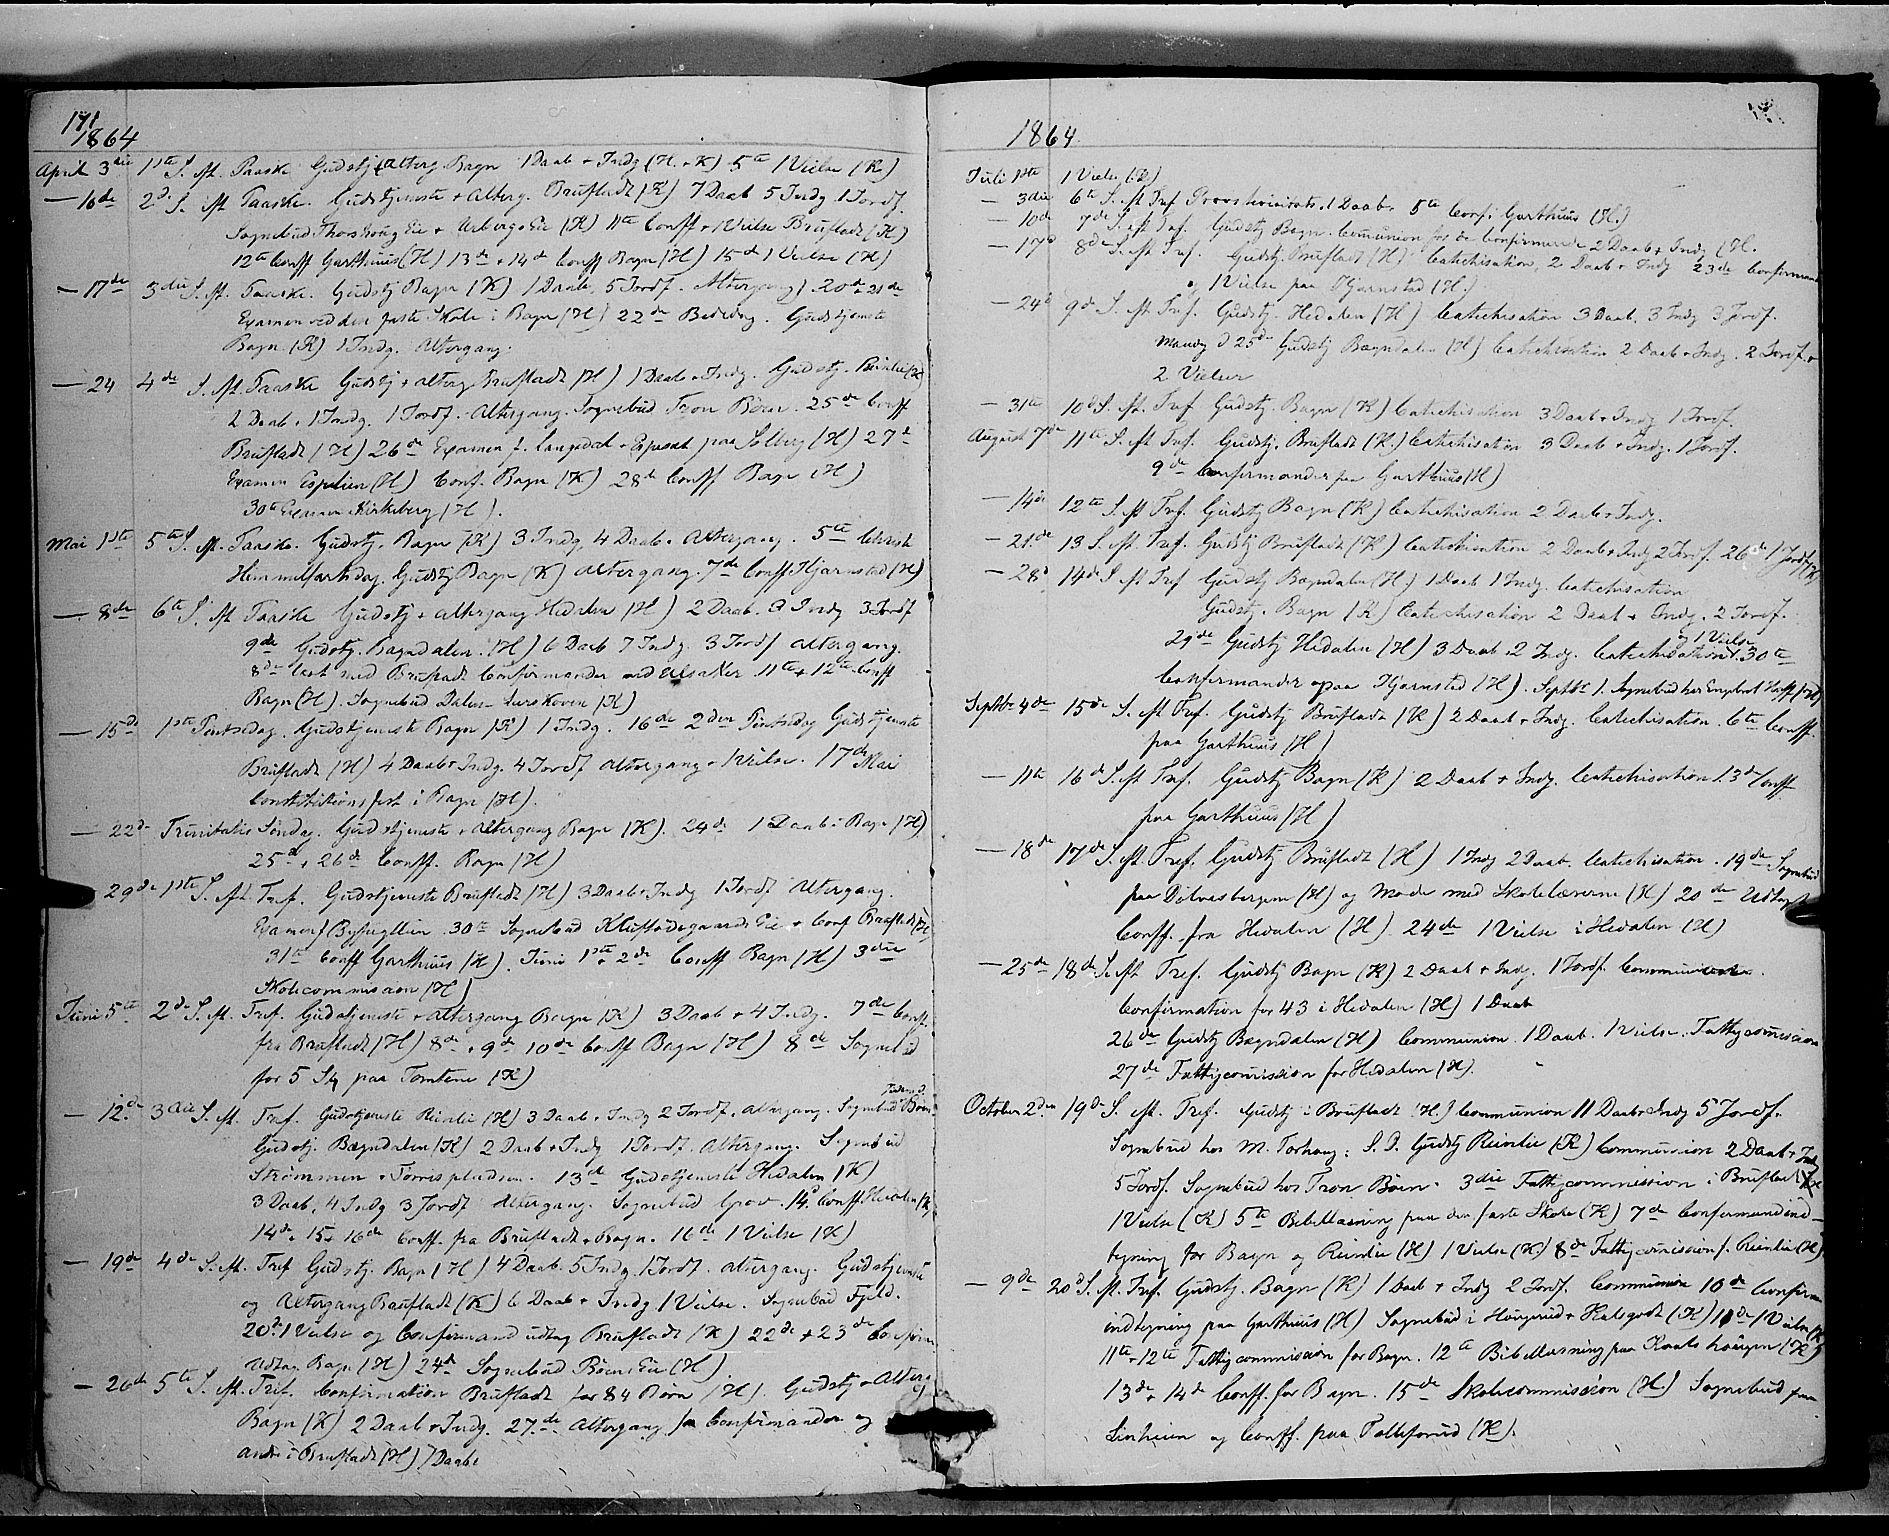 SAH, Sør-Aurdal prestekontor, Ministerialbok nr. 6, 1849-1876, s. 171